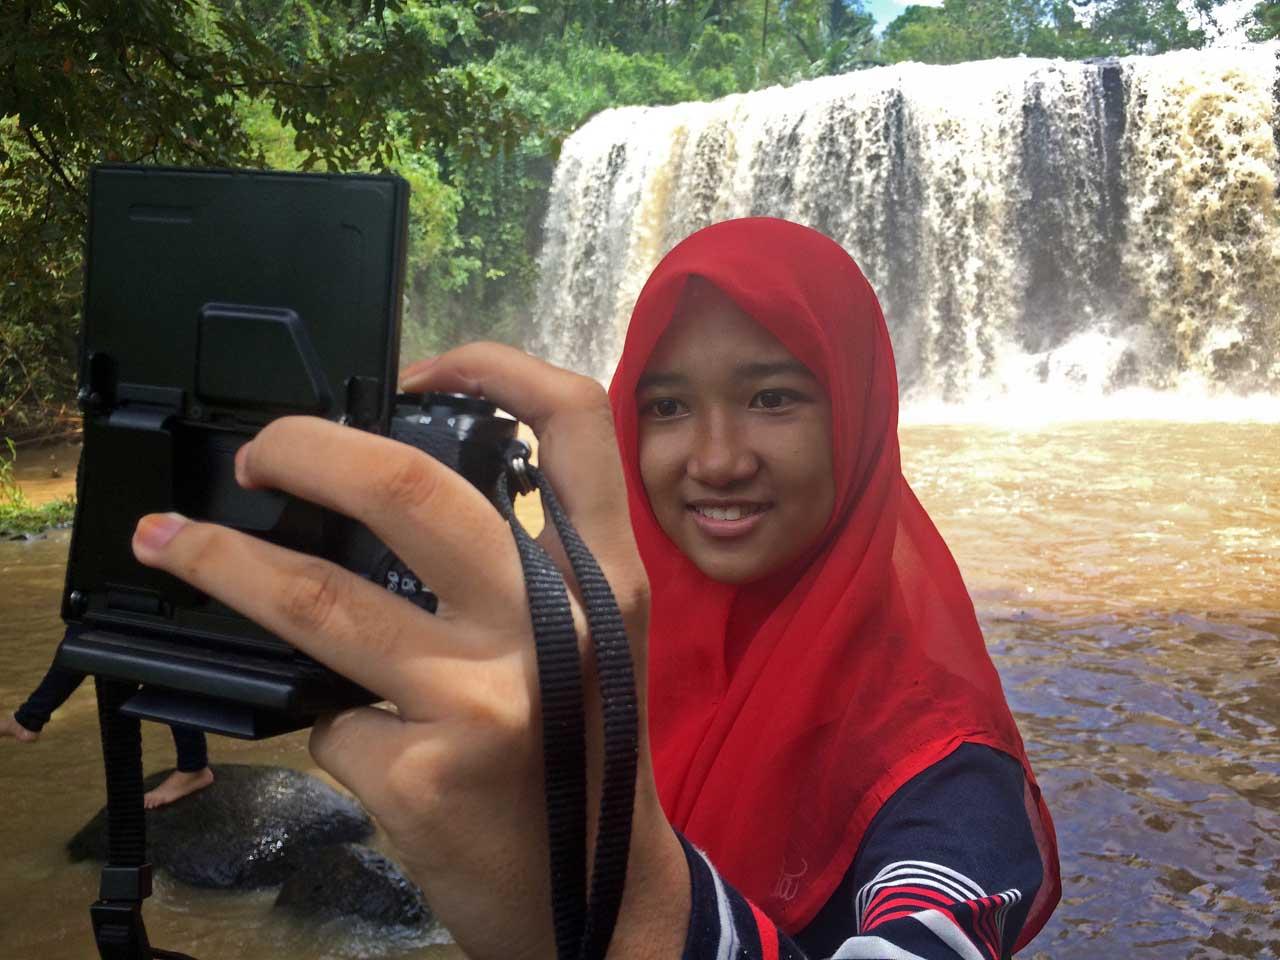 Kamera Mirrorless Nikon 1 J5 - Focusone Lampung